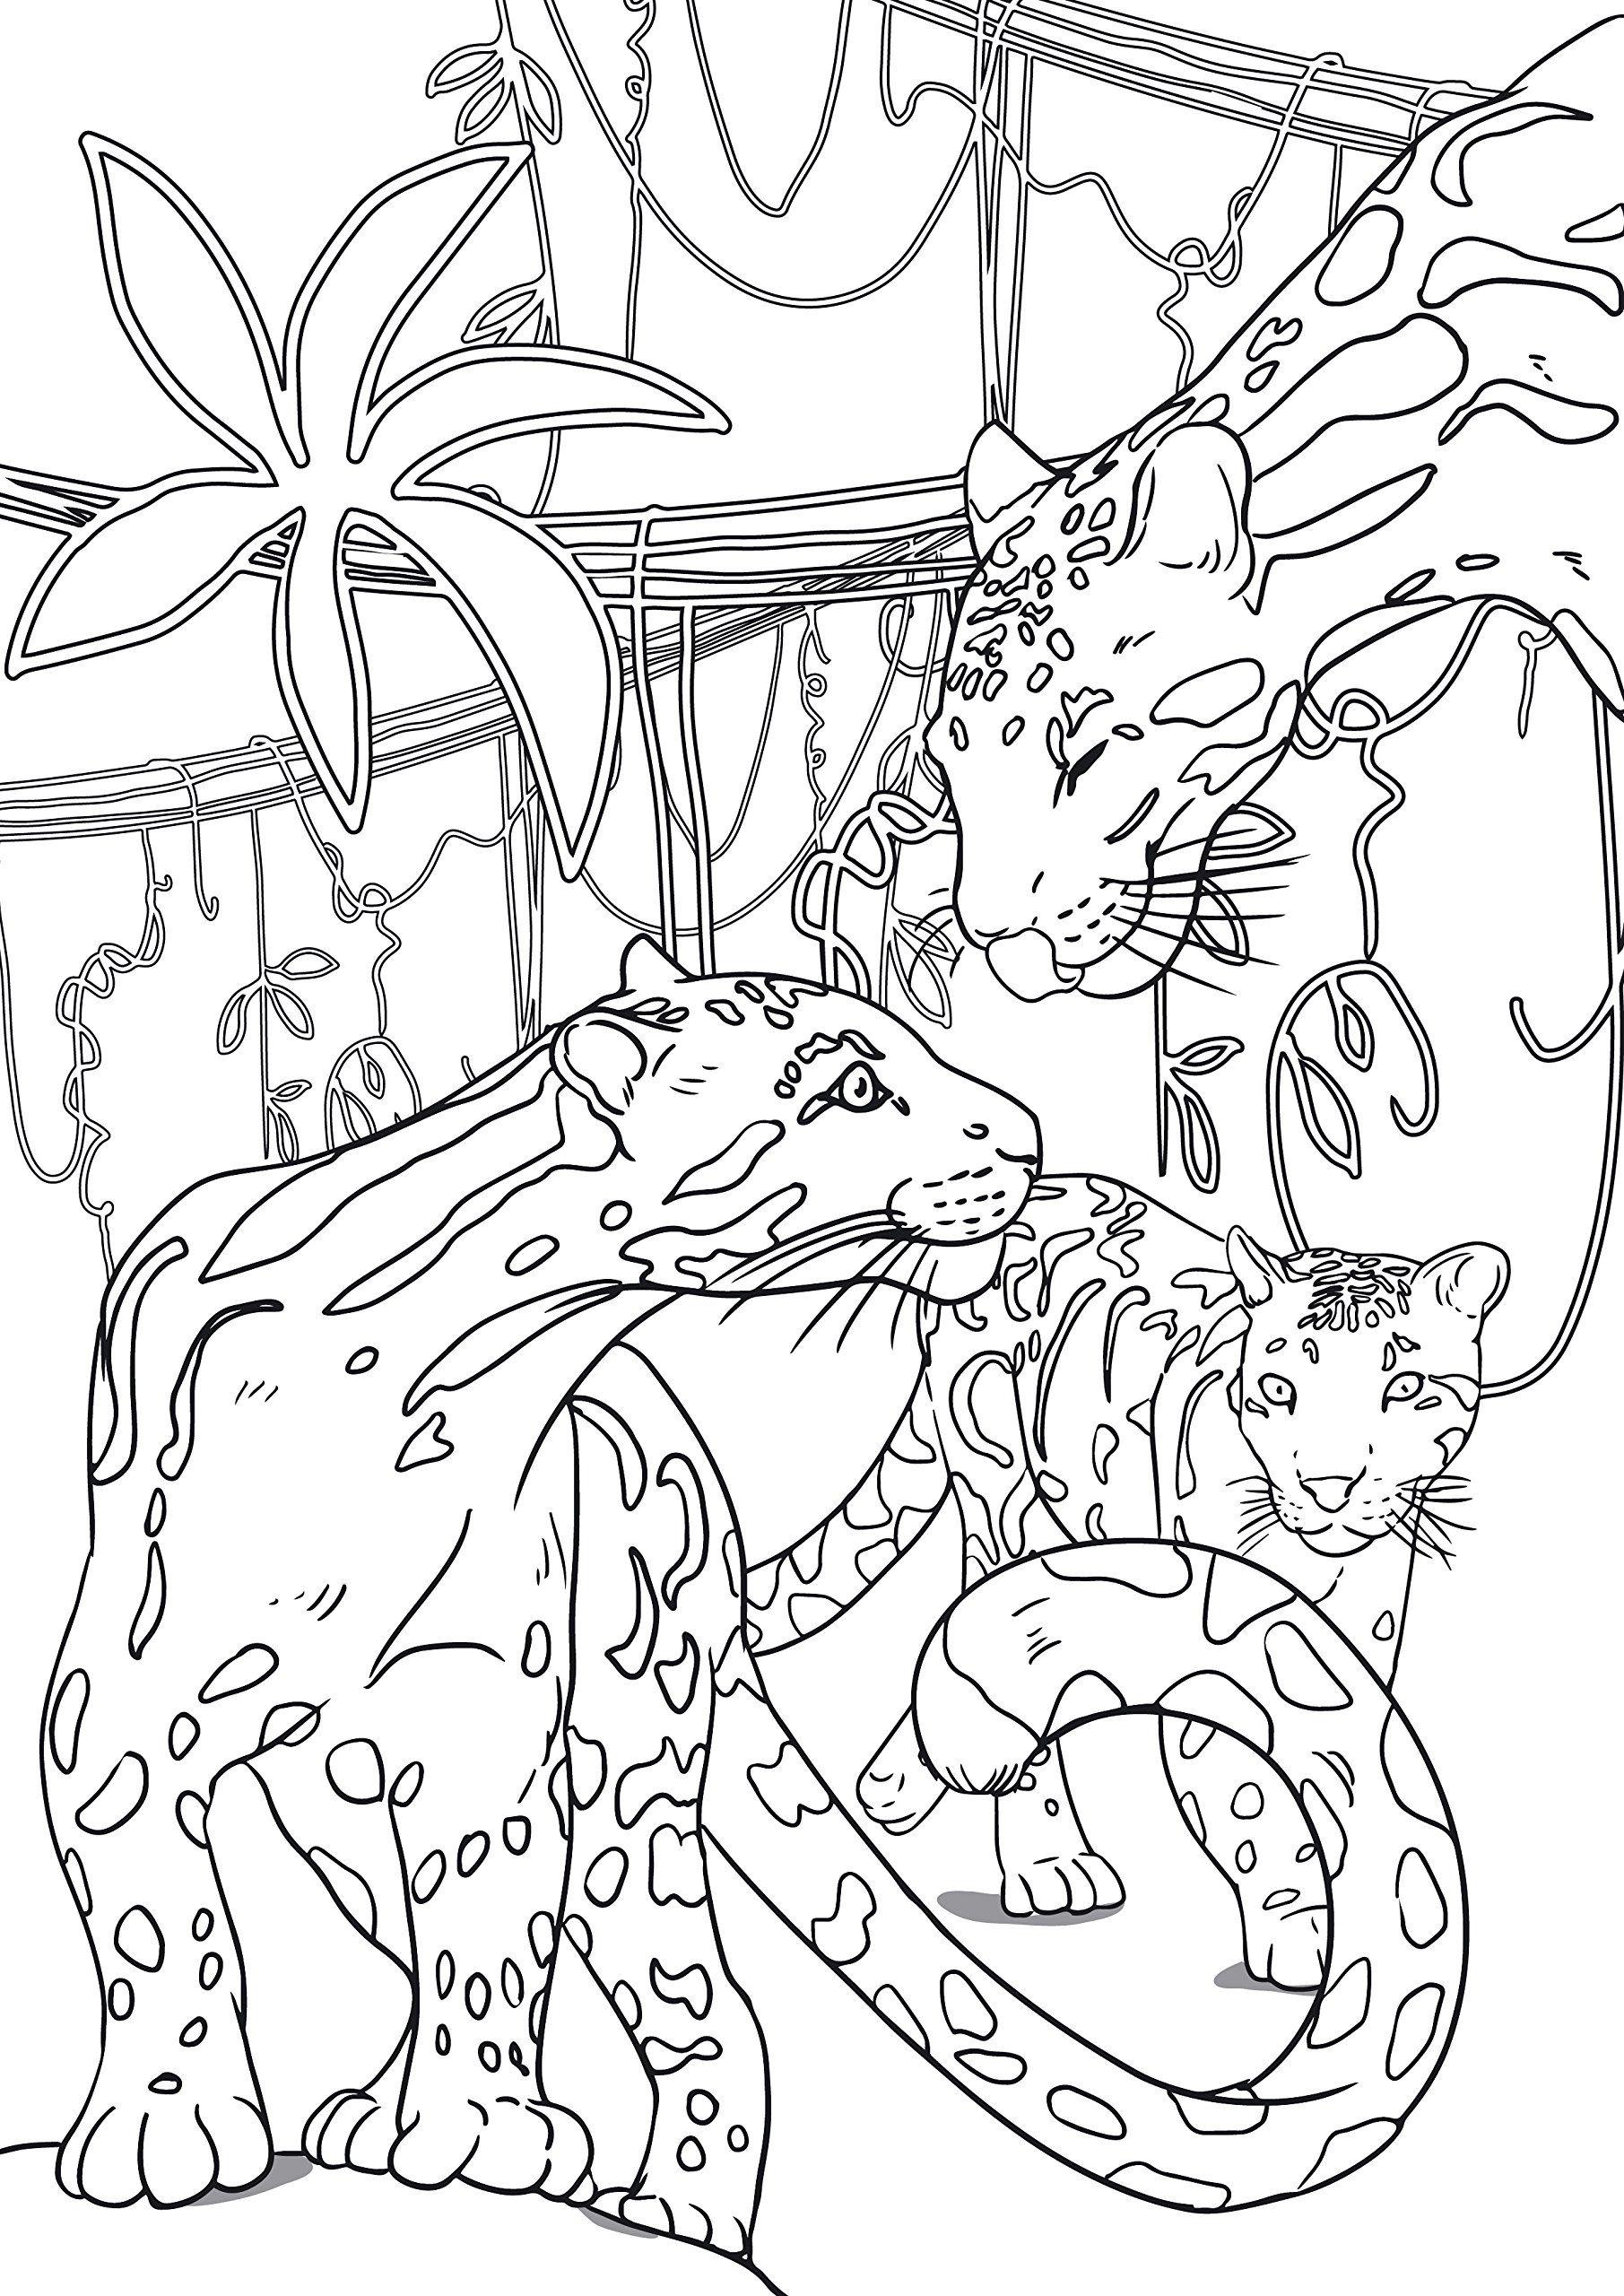 Petites Betes Et Grosses Bestioles 100 Coloriages Creatifs Amazon De Marthe Mulkey Fremdsp Kostenlose Erwachsenen Malvorlagen Wenn Du Mal Buch Malvorlagen